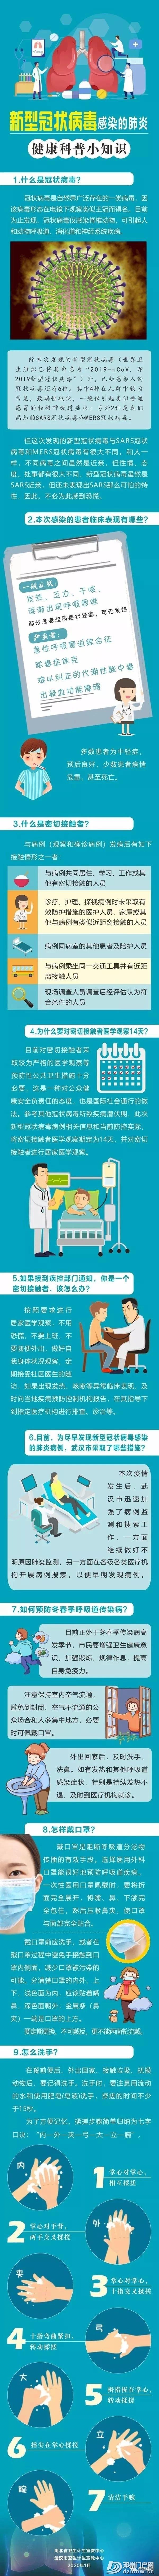 河南确诊首例输入性新型冠状病毒感染的肺炎确诊病例 - 邓州门户网|邓州网 - 16844e1bcd81e3944ad9c507873a2493.jpg